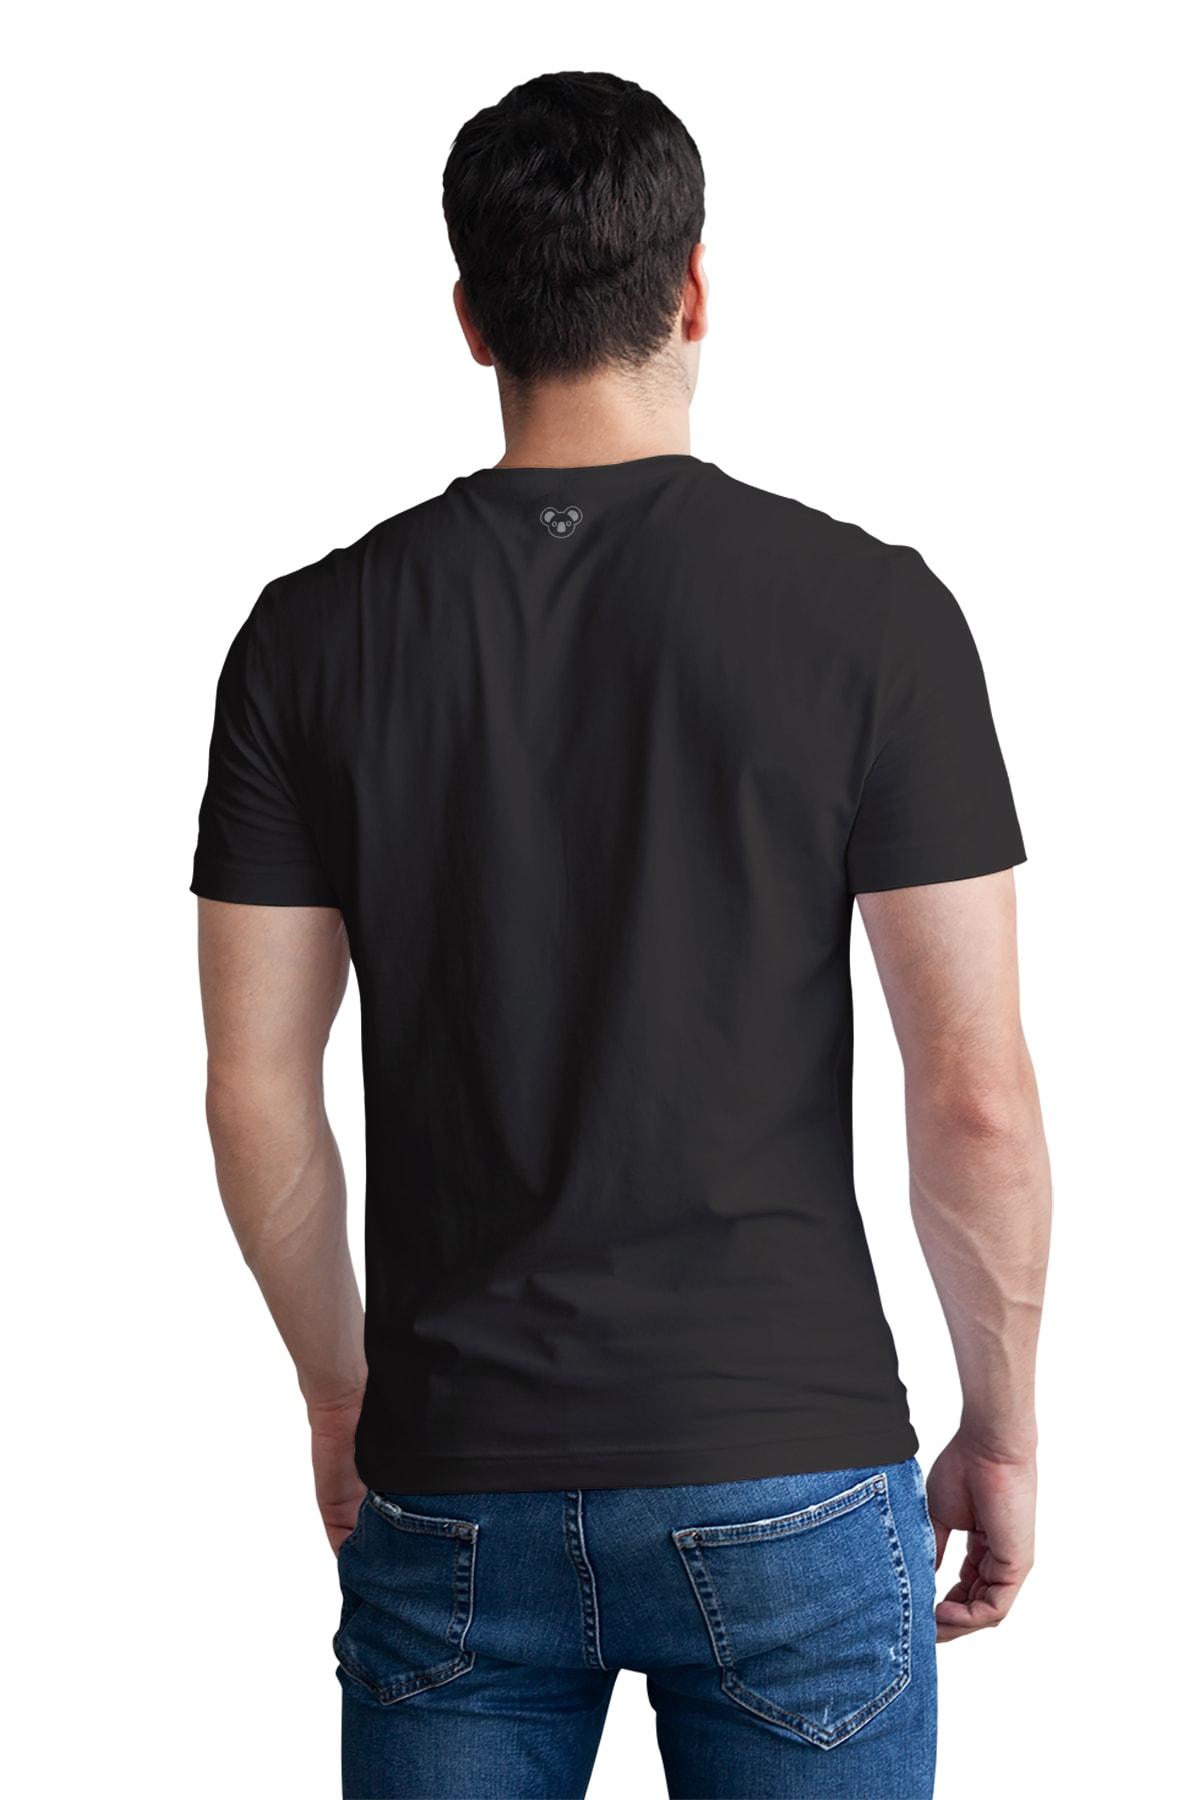 Koala Erkek Siyah T-Shirt CET001SCORVO 2